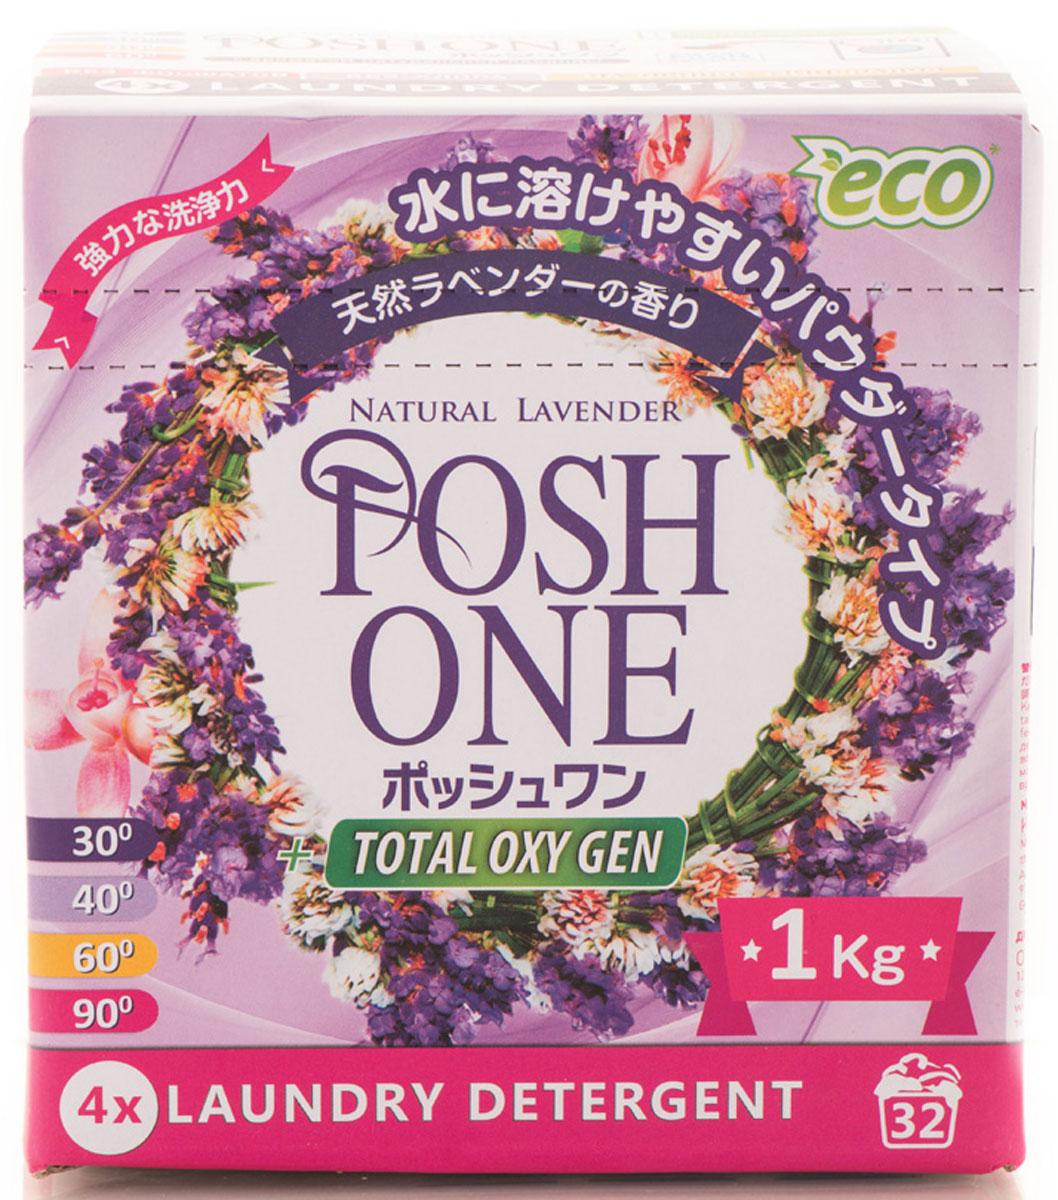 Порошок стиральный Posh One Eco, концентрат, для цветного белья, 1 кг531-402Концентрированный стиральный порошок Posh One Eco подходит для стирки детского белья и всех видов тканей в стиральных машинах любого типа. Подходит для ручной стирки. Имеет аромат лаванды.Особенности порошка:- Не имеет в своем составе фосфаты, экологических отбеливателей, формальдегидов и хлора.- Не раздражает кожу.- Биоразлагаем более чем на 99%.- Не оставляет следов на белье.- Не токсичен.- Содержит биоферменты и активный кислород-активатор TAED.- Защищает нагревательный элемент стиральной машины от накипи.- Эффективен в холодной воде.- Легко справляется со сложными пятнами.Состав: 15% или более, но менее 30% бикарбонат натрия, 5% или более, но менее 15% секвикарбонат натрия (трона), надуглекислый натрий, лаурилполиоксиэтиленсульфат-7, карбонат натрия, менее 5% активные формы кислорода, лимонная кислота, натриевая соль, ароматизатор, энзимы, карбоксиметилцеллюлоза, тетра-ацетилэтилендиамин, TAED, протеаза, целлюлоза, липаза, амилаза.Товар сертифицирован.